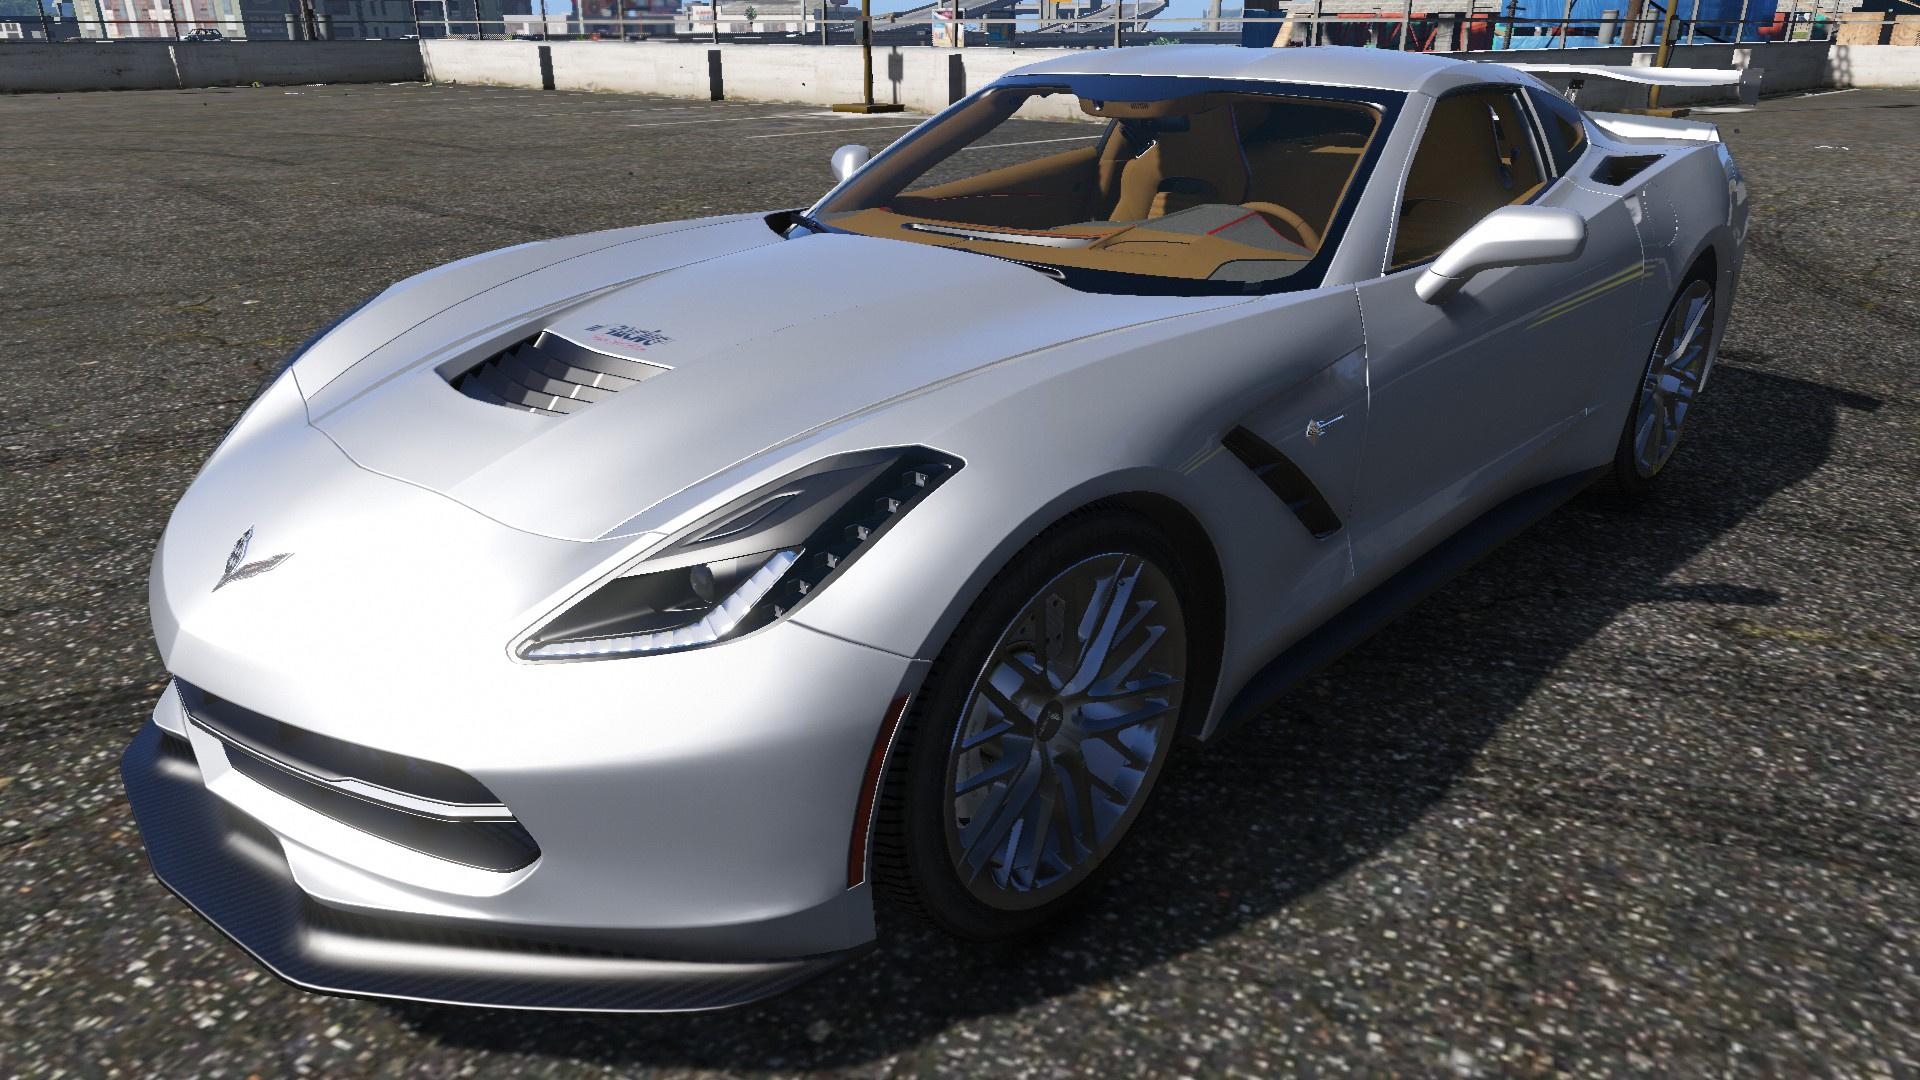 chevrolet corvette stingray 2014. 878651 2016 02 27 00004 chevrolet corvette stingray 2014